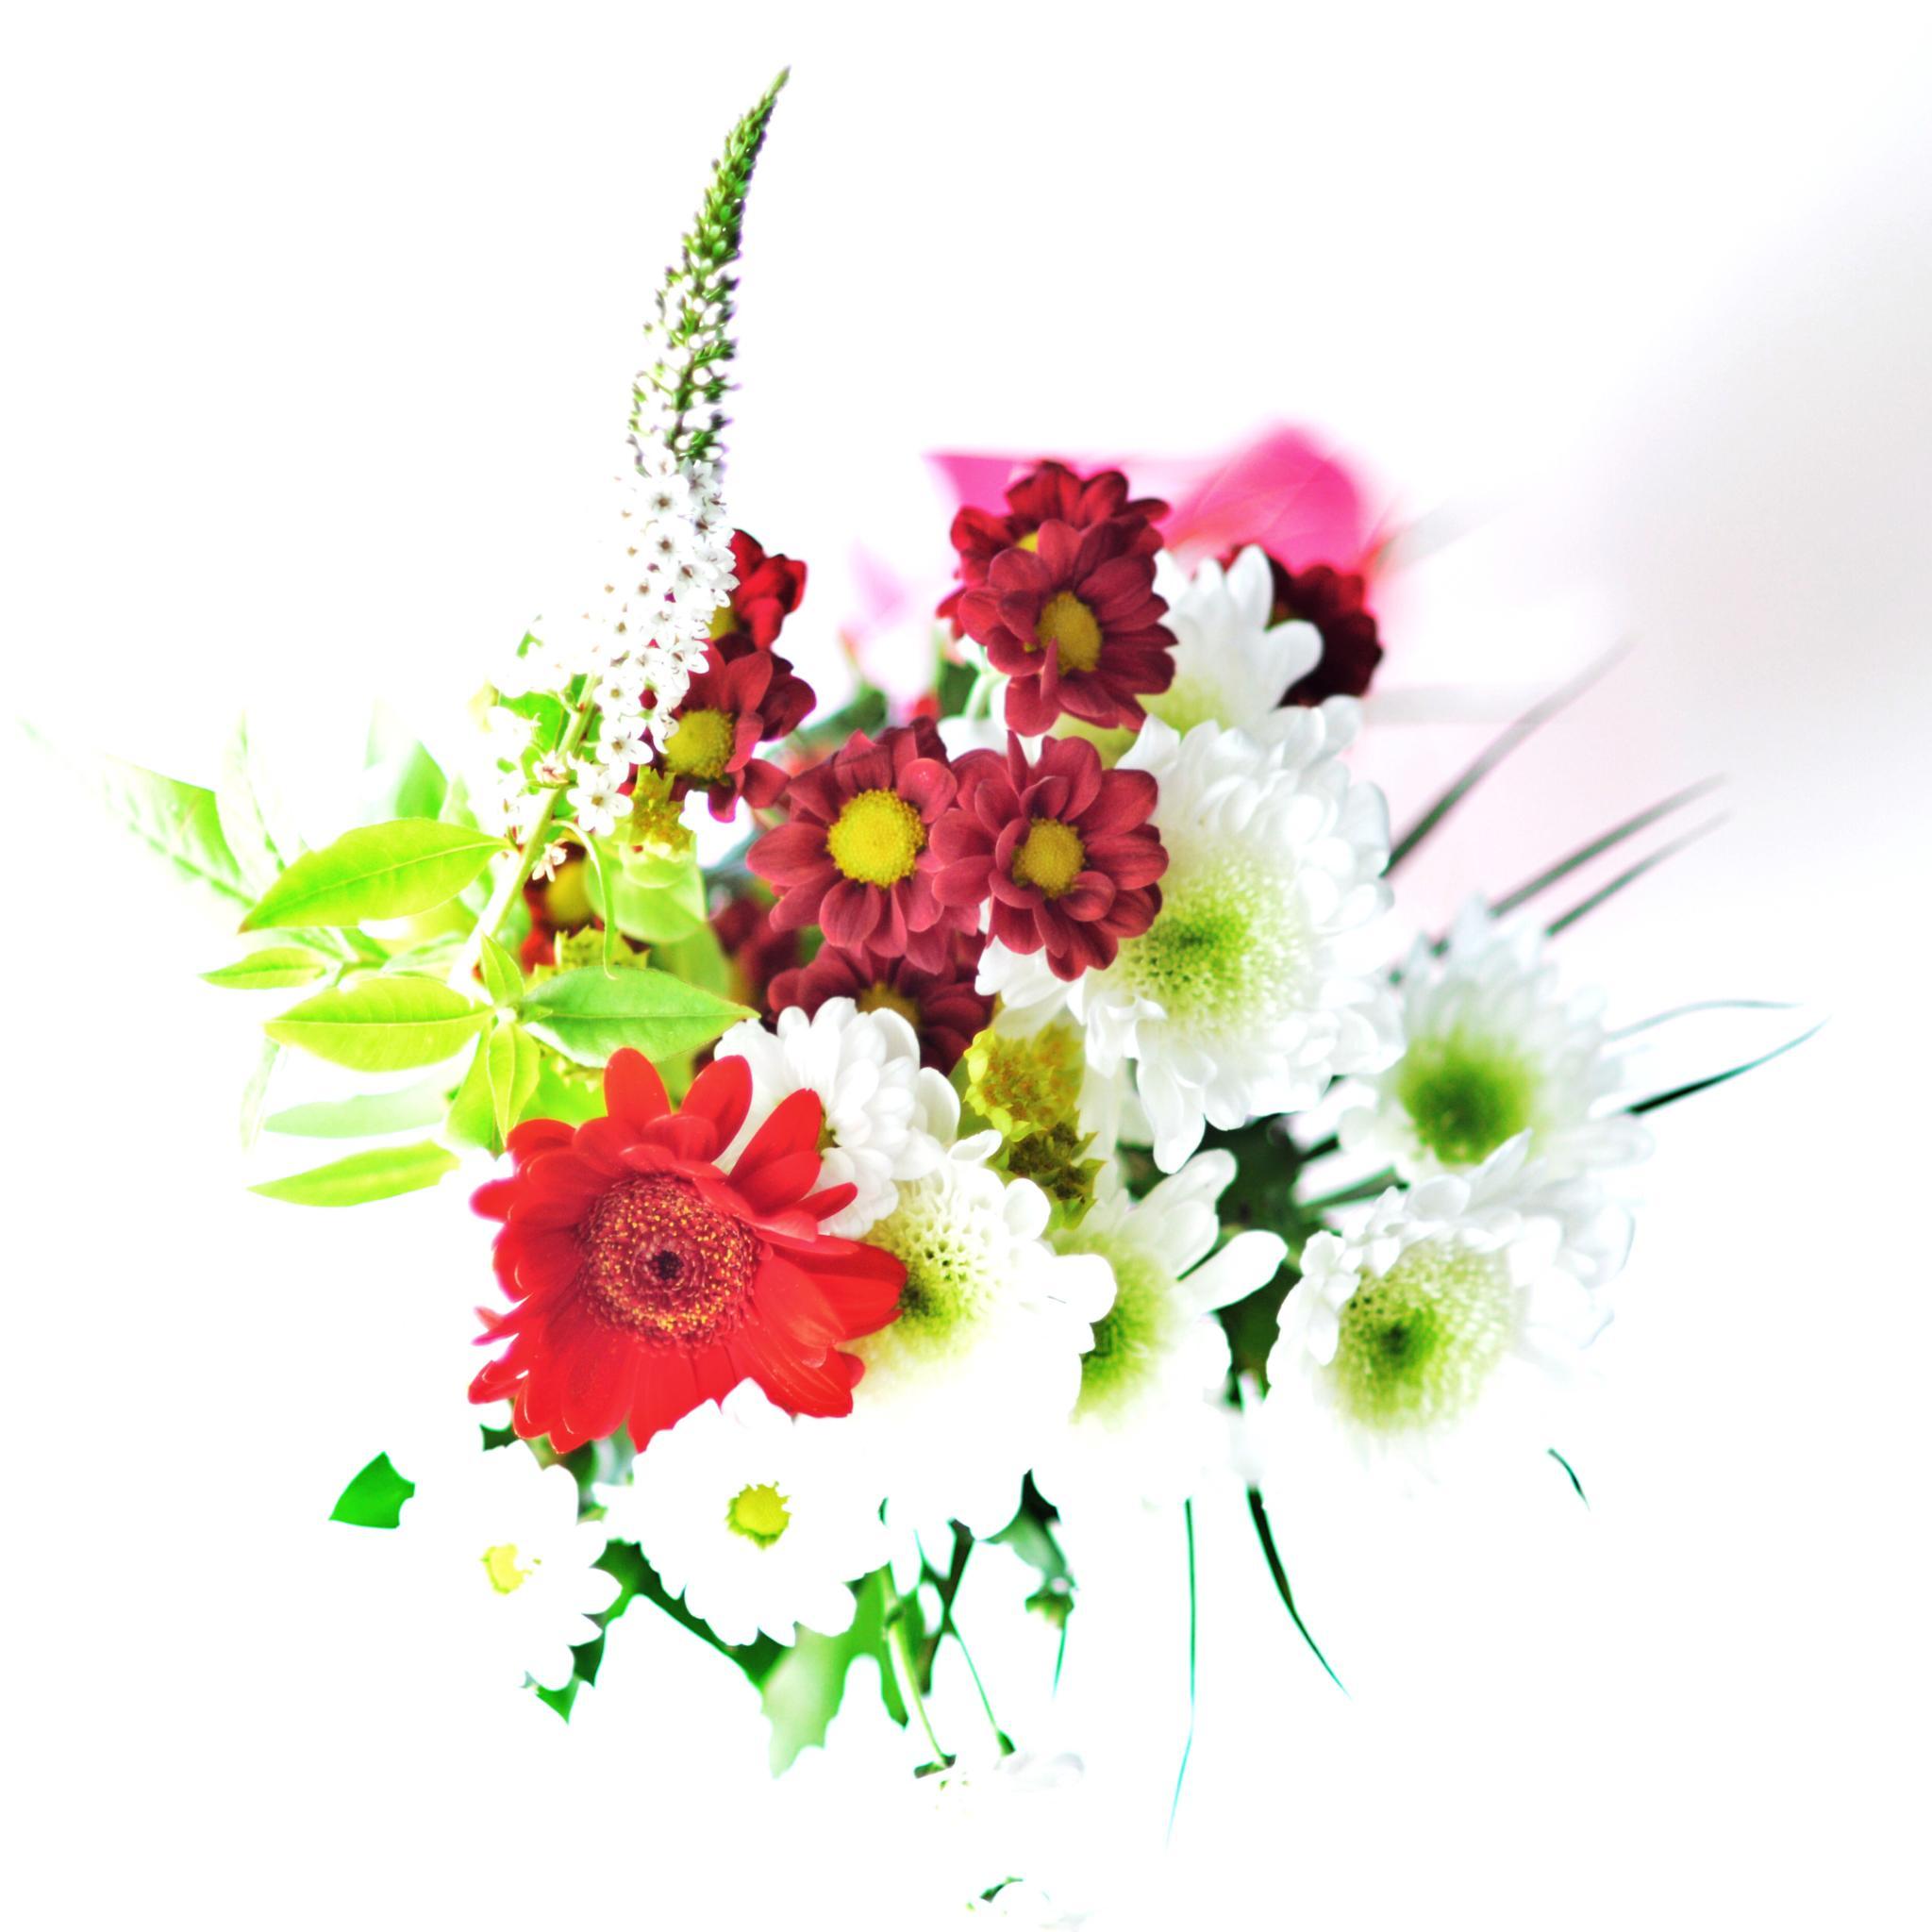 Flowers by Göran Söderlund